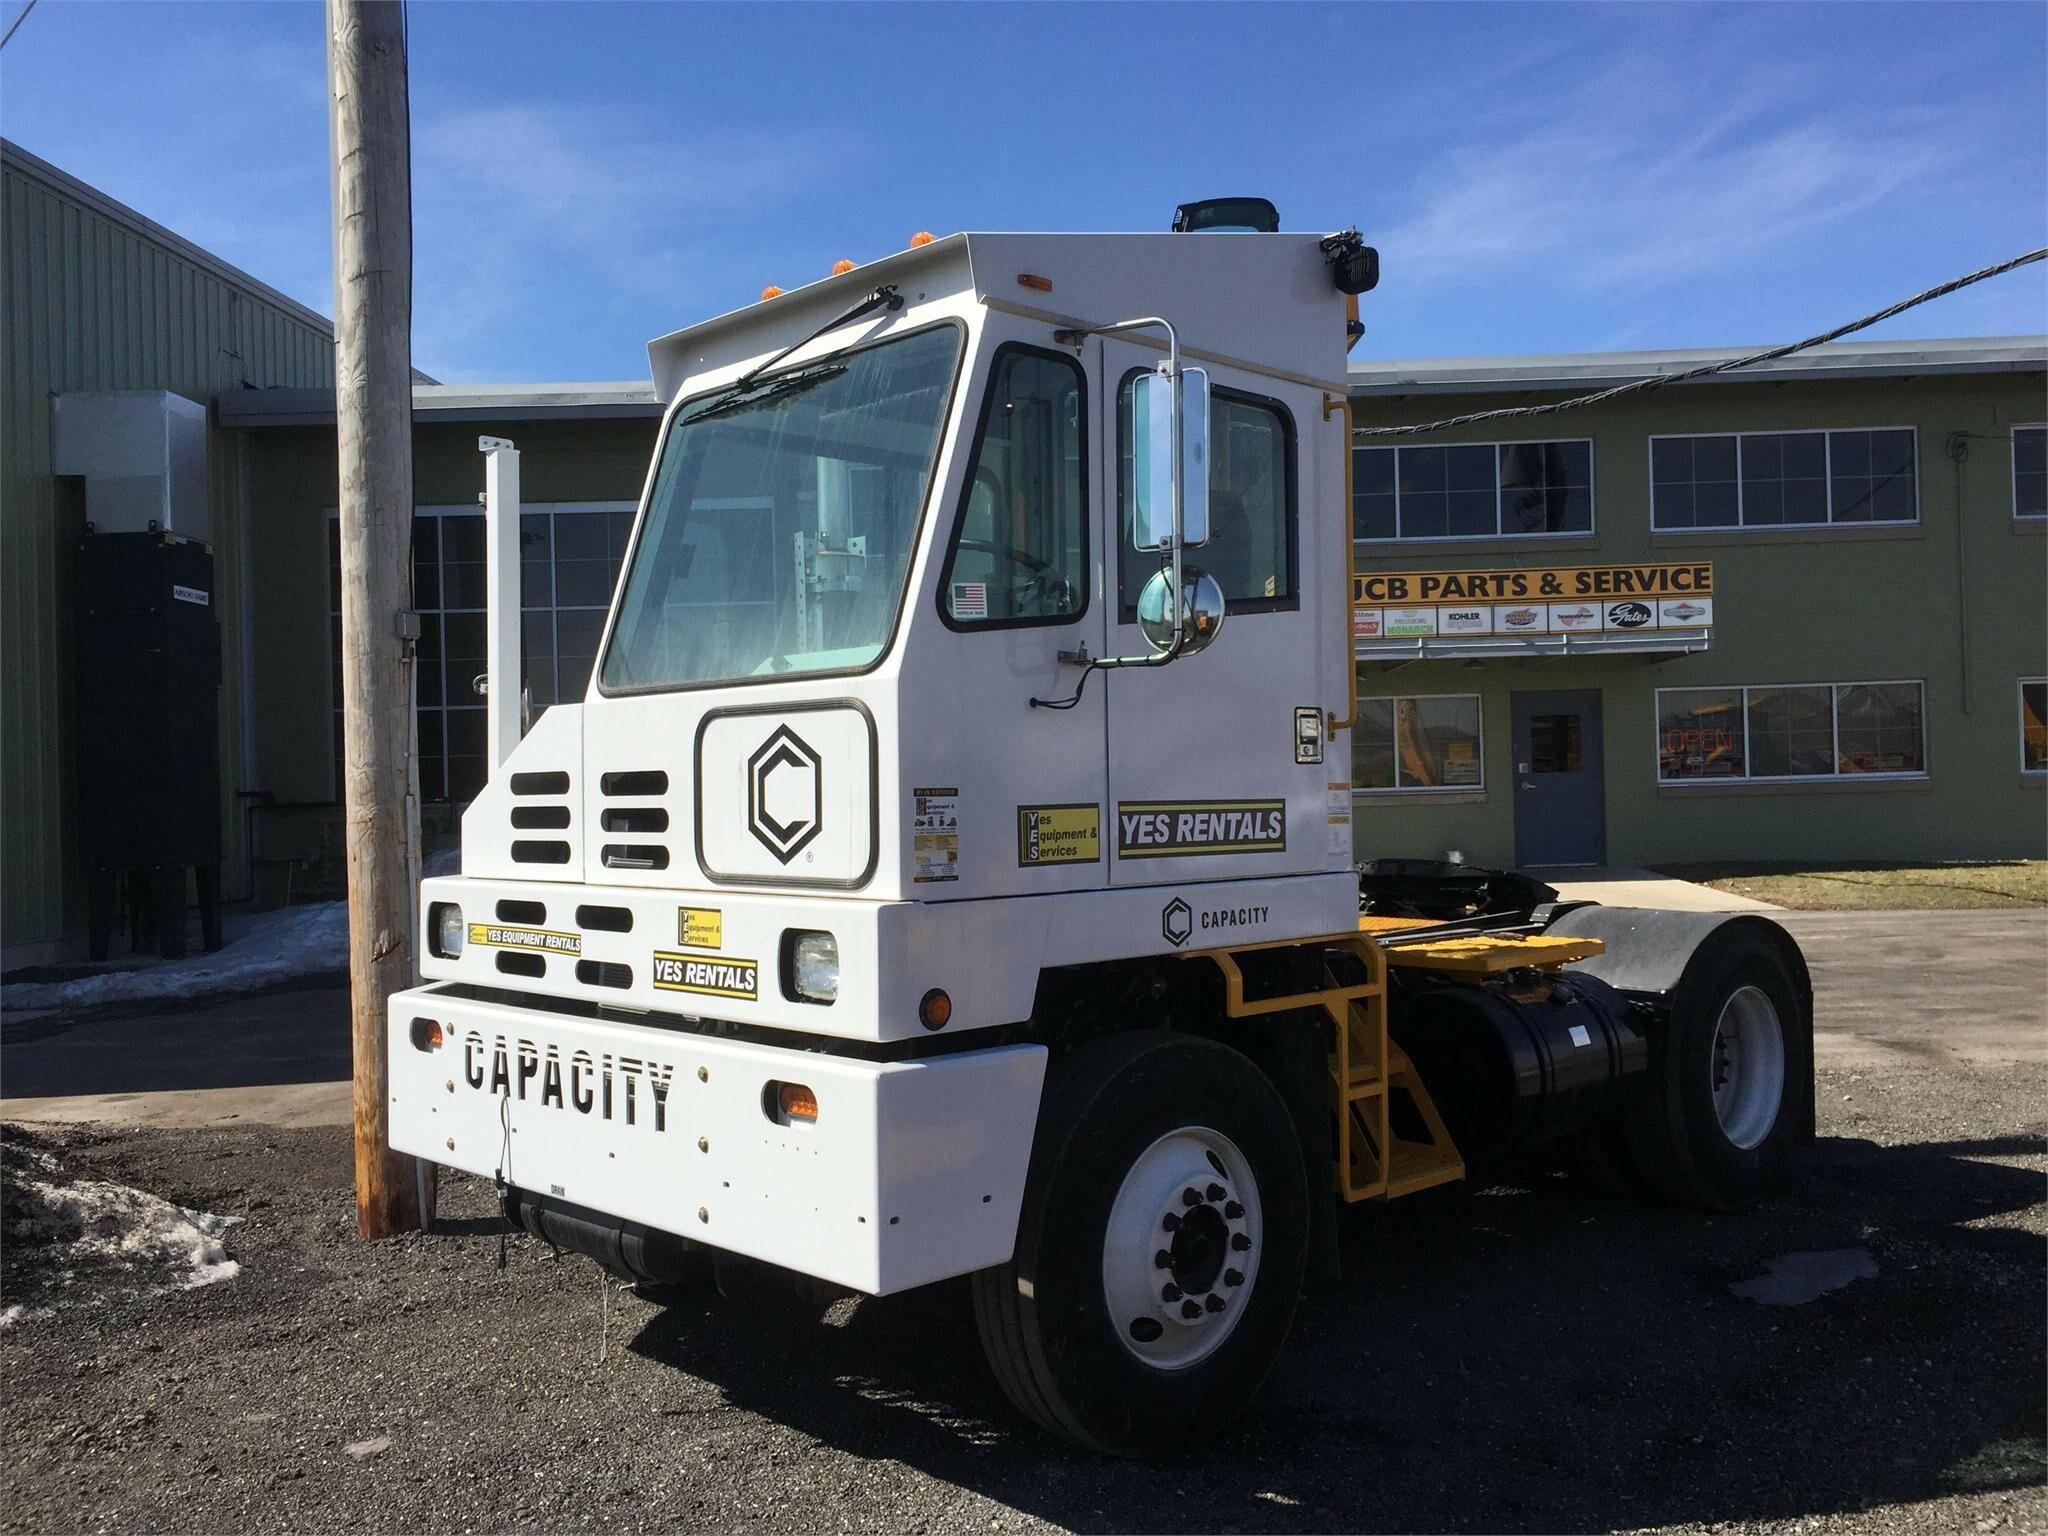 2014 Capacity TJ5000 Semi Truck